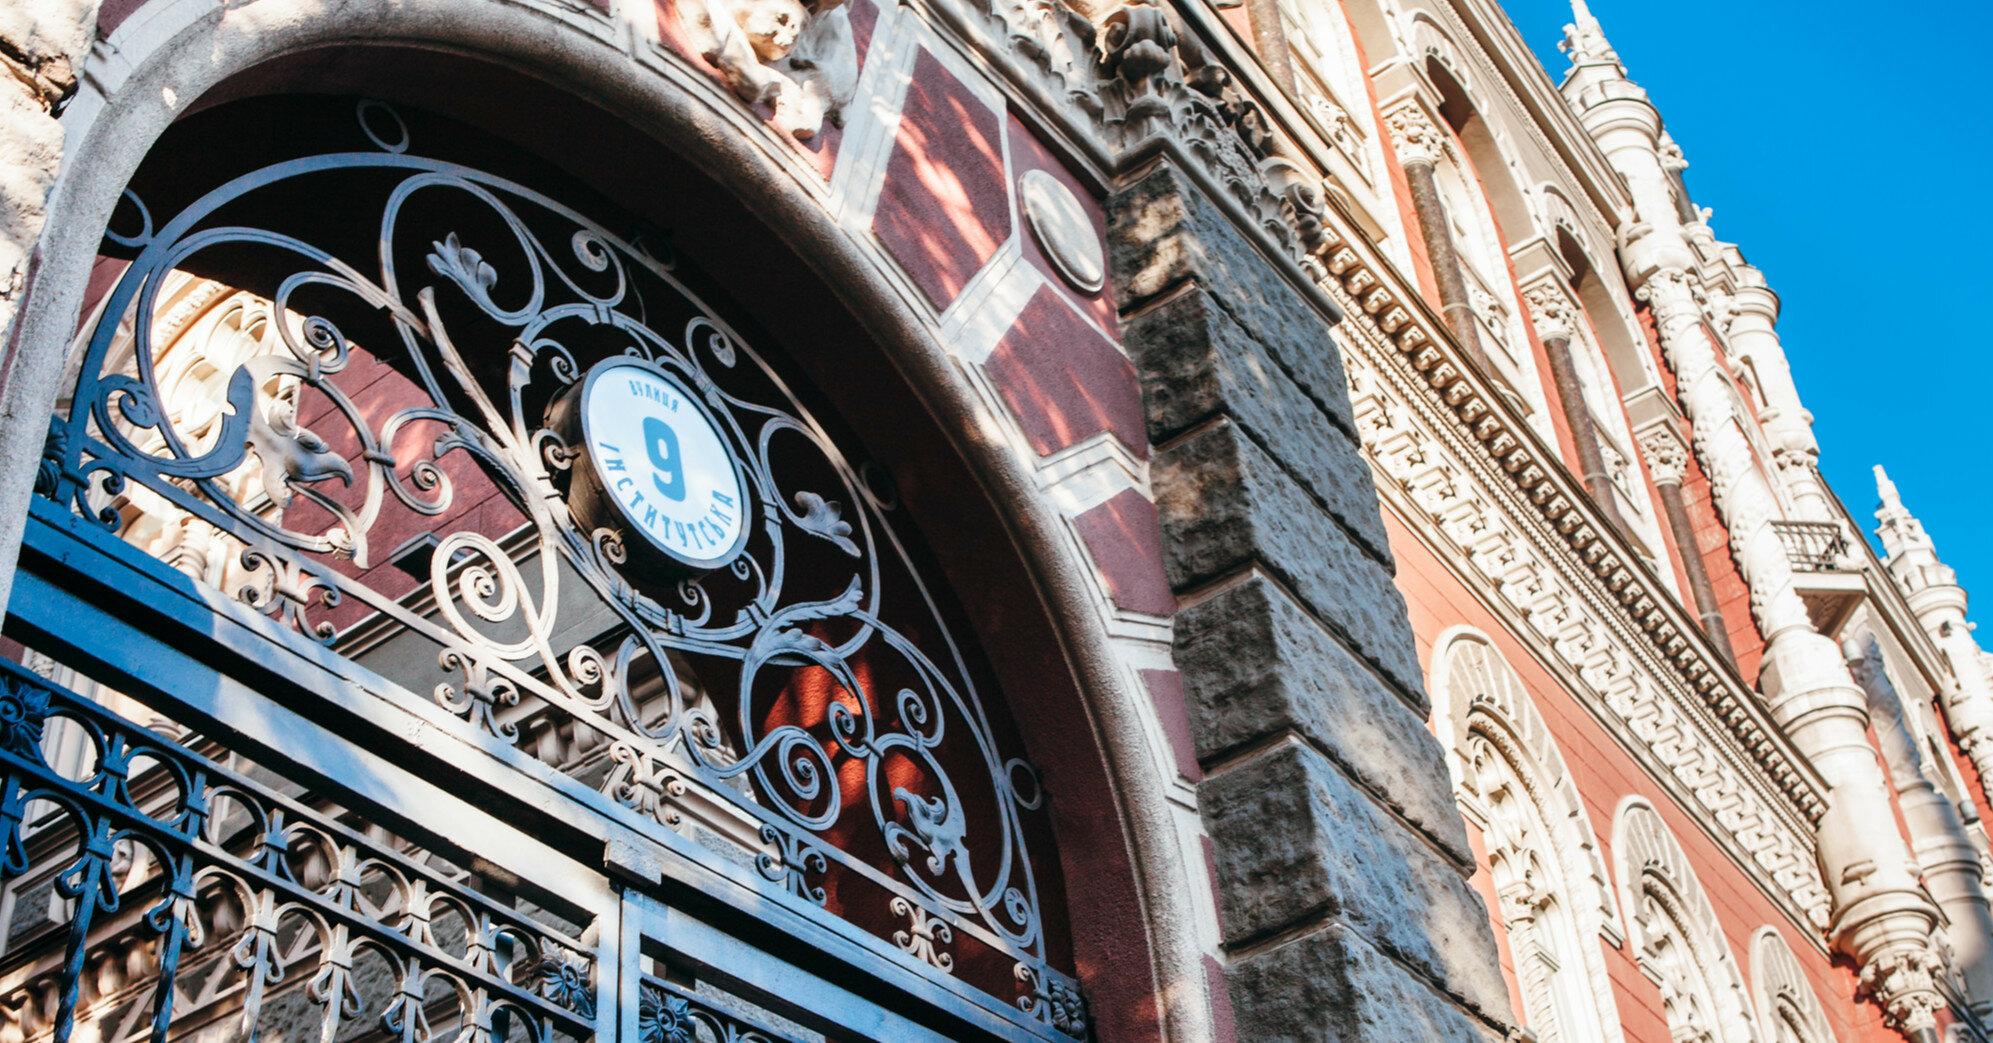 НБУ аннулировал лицензии кредитного союза